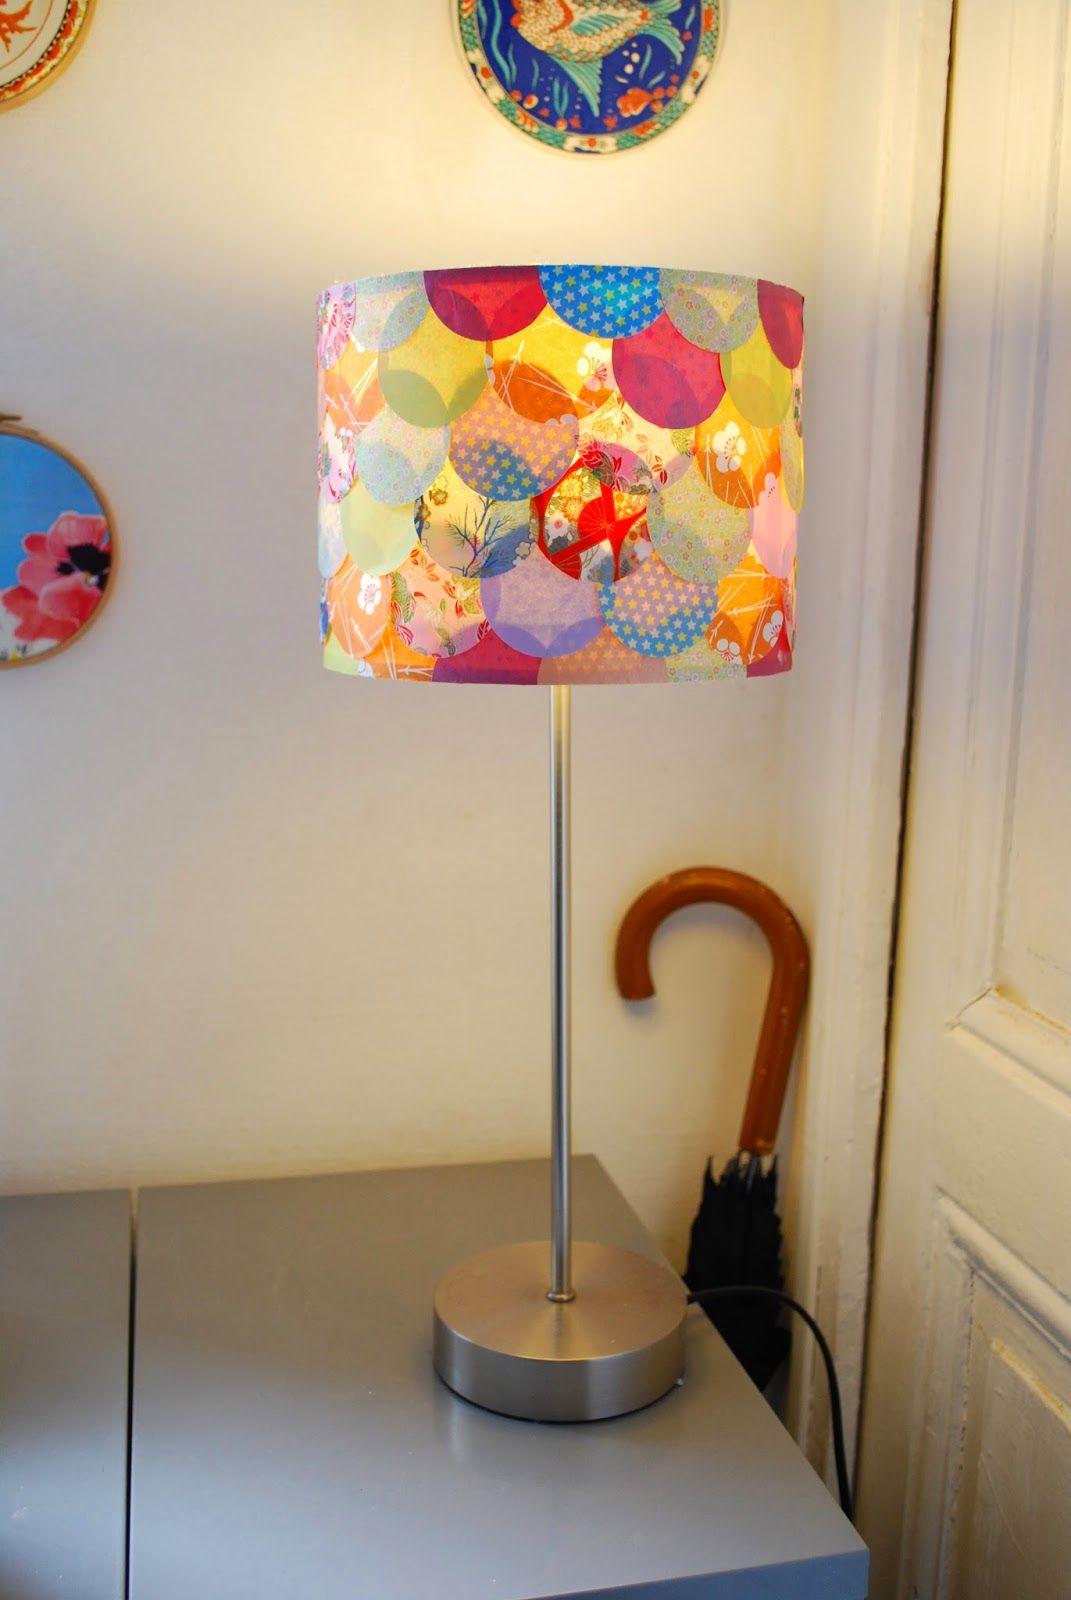 Comment Customiser Une Lampe De Chevet how to ' s : customiser un abat - jour | customiser abat jour